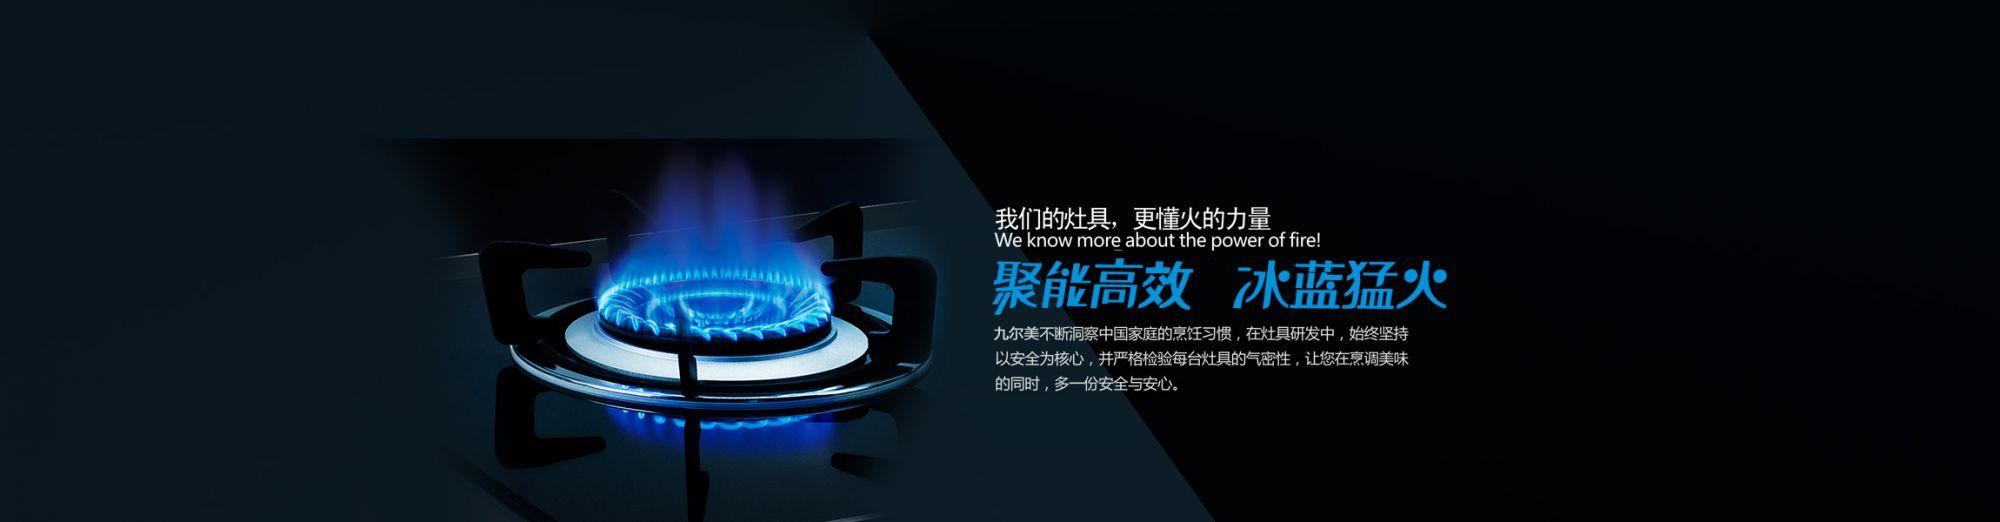 深圳九尔美电器有限公司